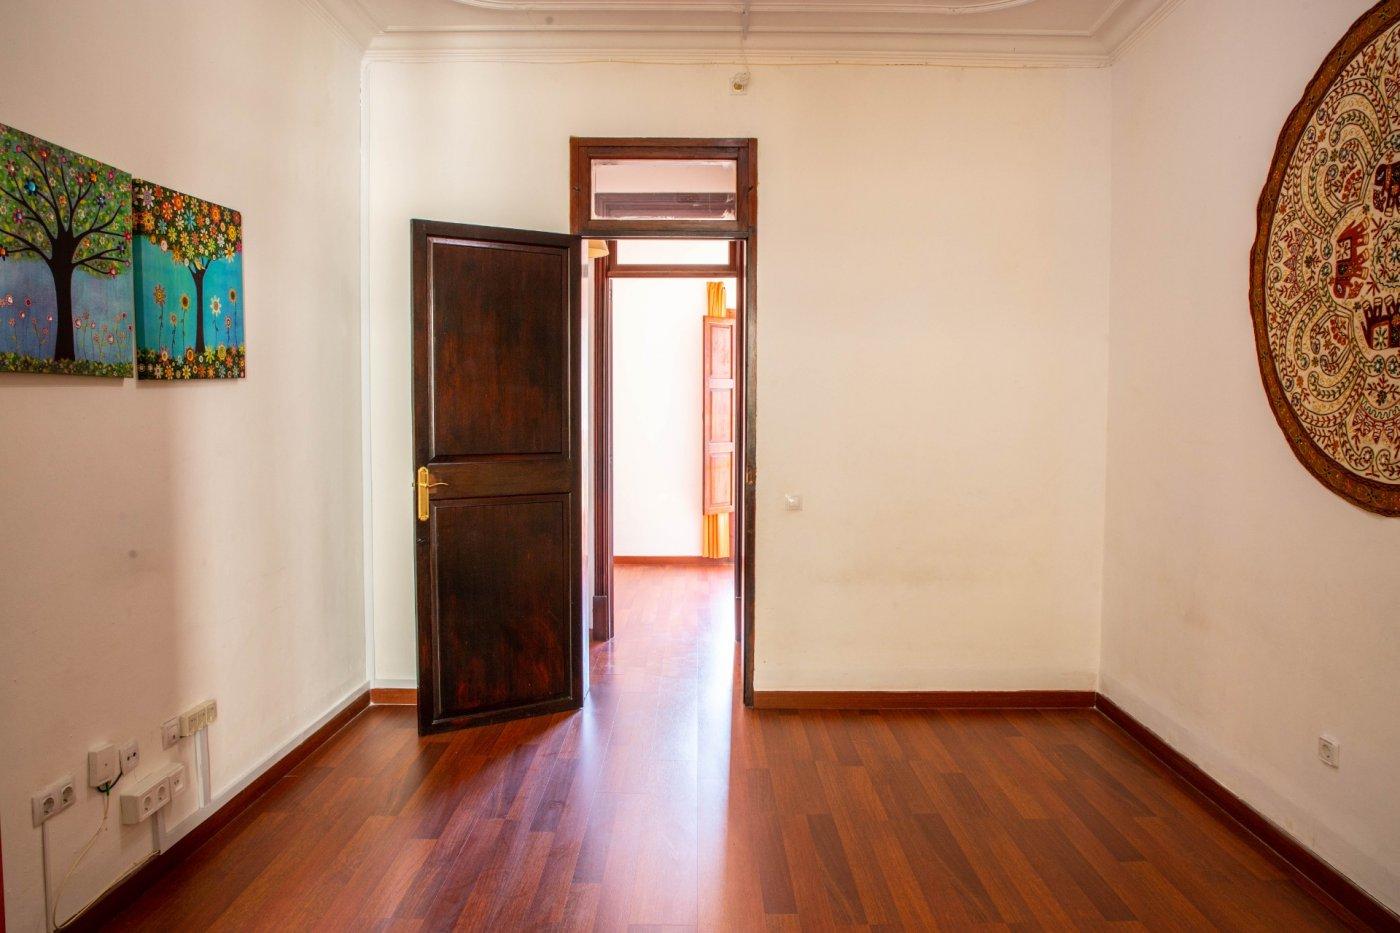 Precioso piso antiguo con mucho carácter en el centro de palma - imagenInmueble5